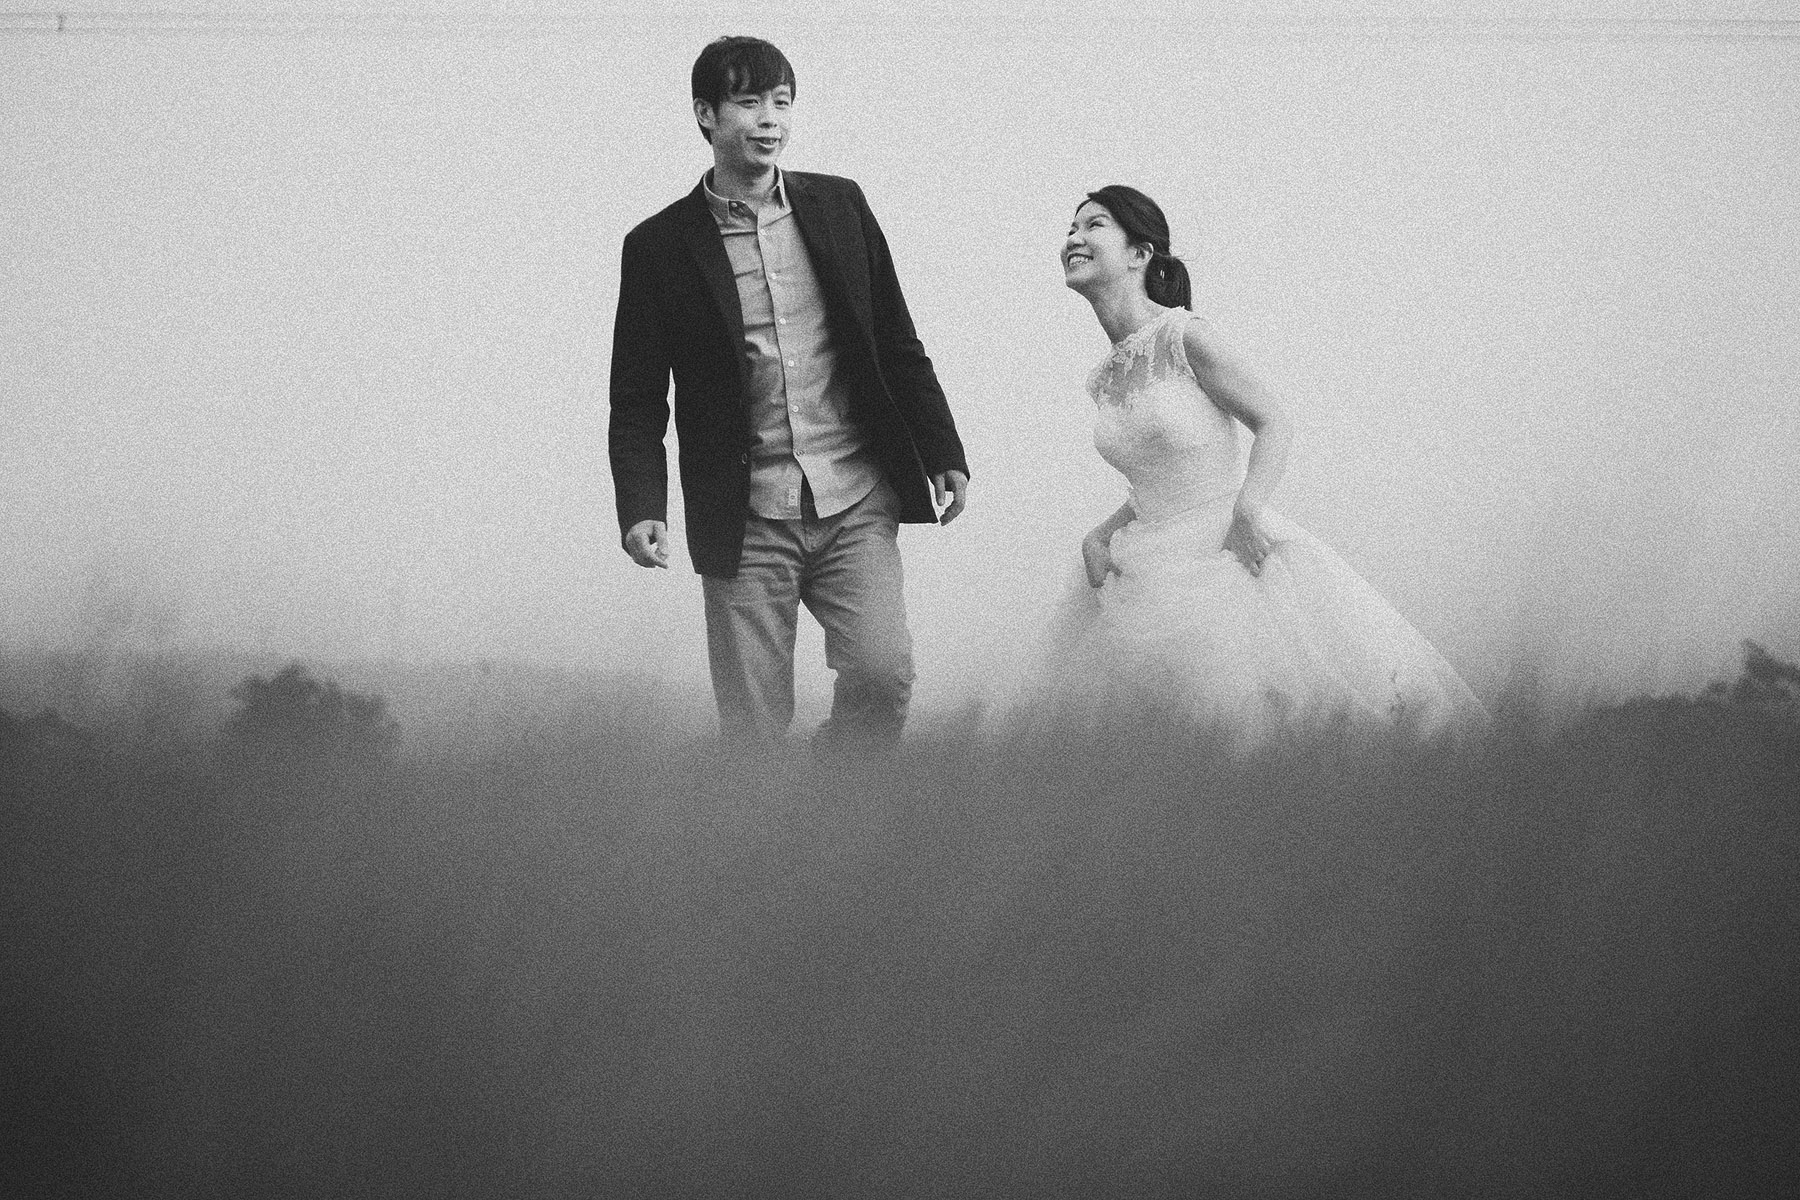 黑白,自助婚紗,自然風格,生活風格,居家風格,底片風格,電影風格,台北,婚紗攝影師推薦,